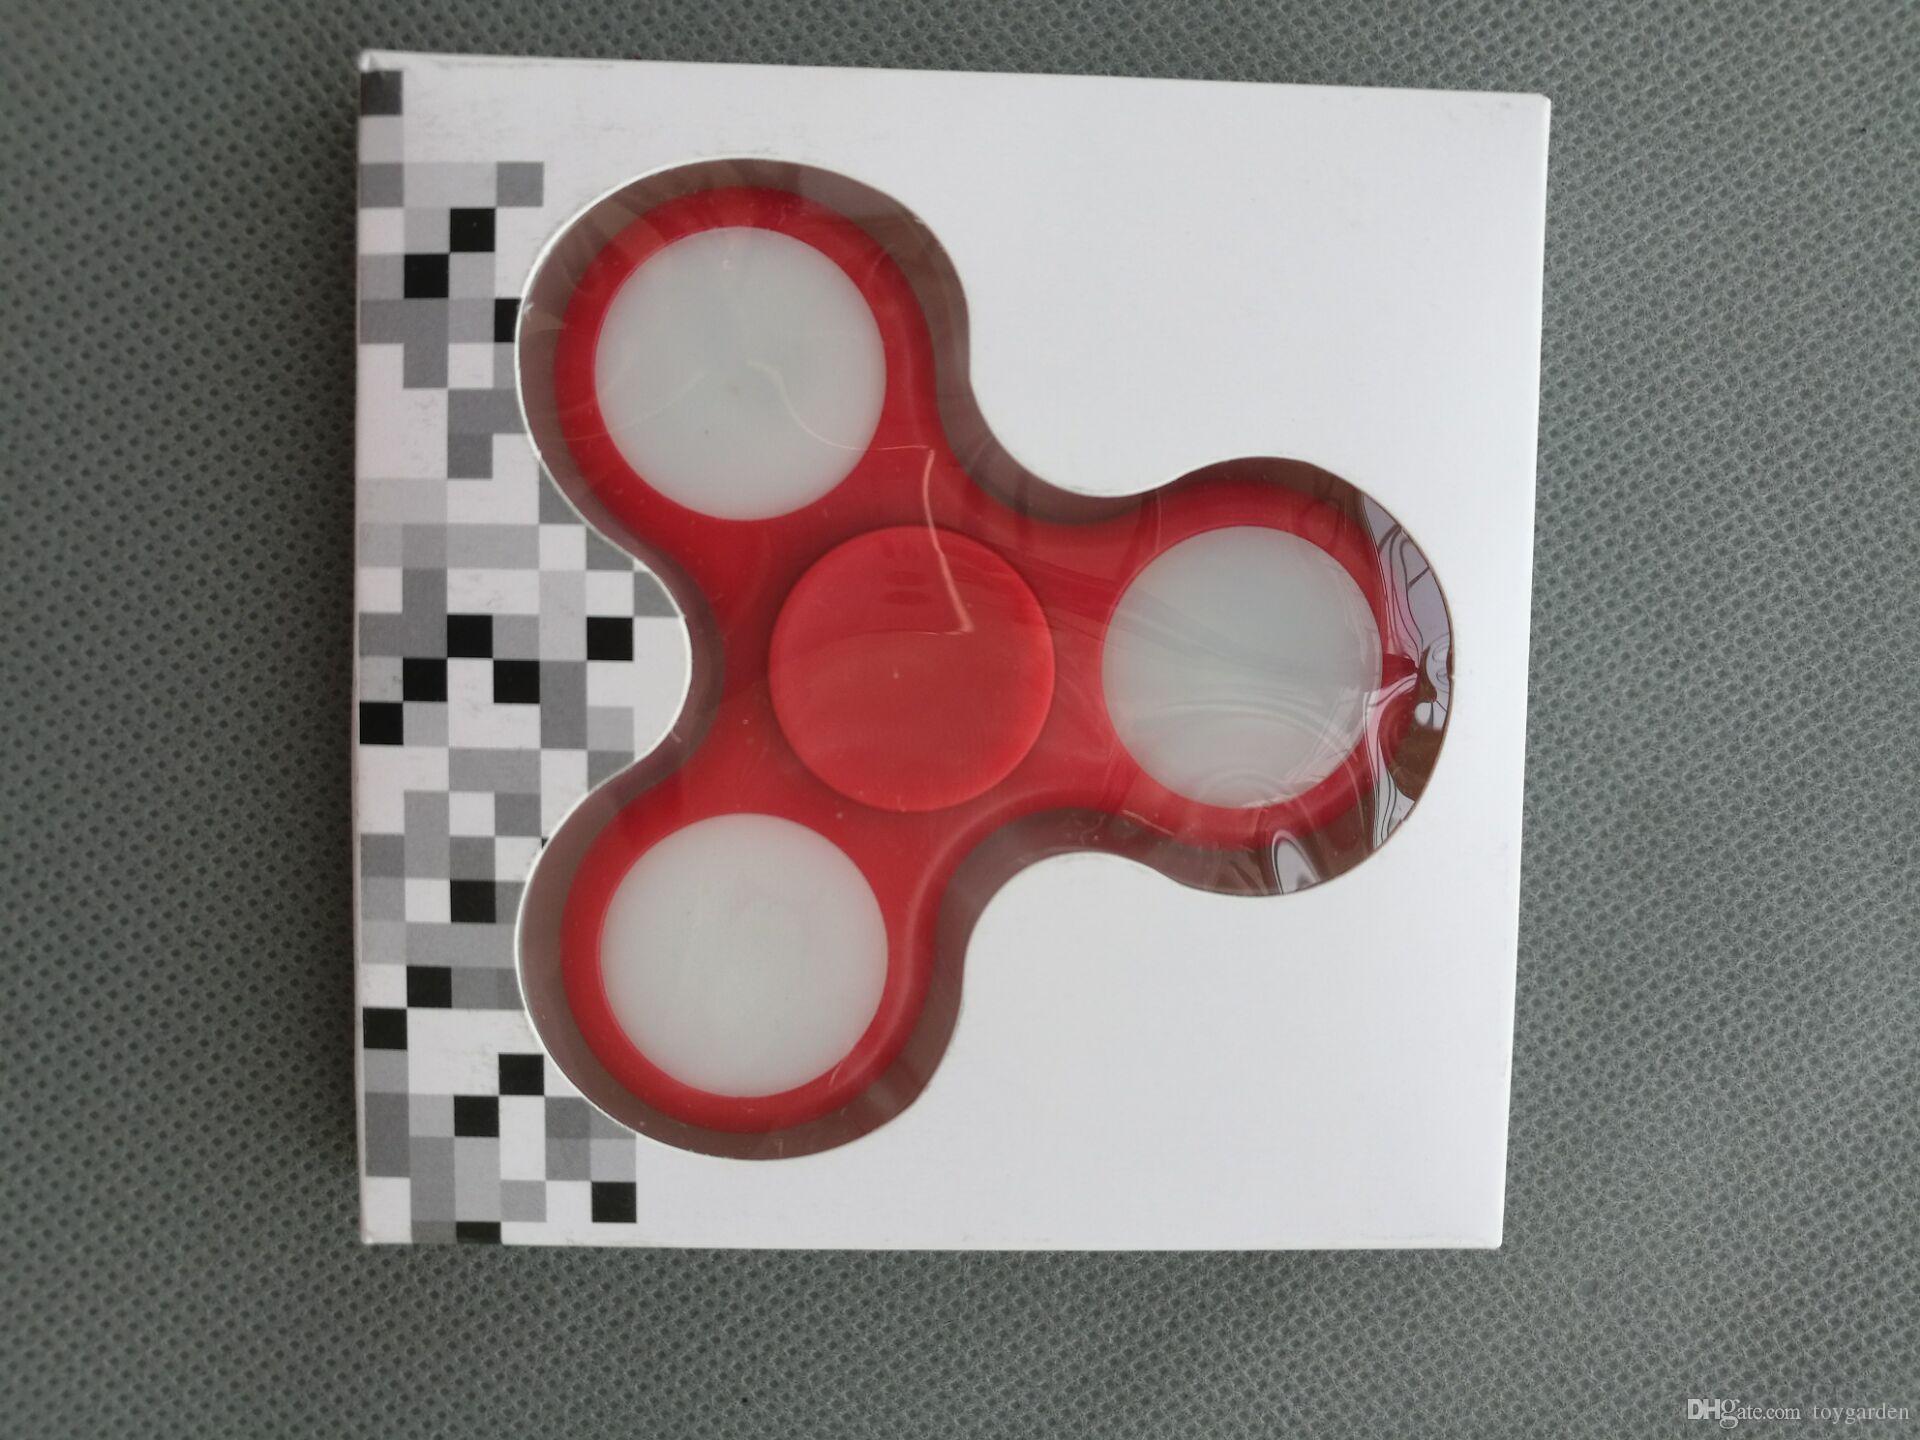 verkaufen Sie LED helles Handfinger-Spinner-Zappeln-Plastik-EDC-Handspinner für Autismus und ADHS-Entlastungs-Fokus-Angst-Druck spielt Geschenk #E